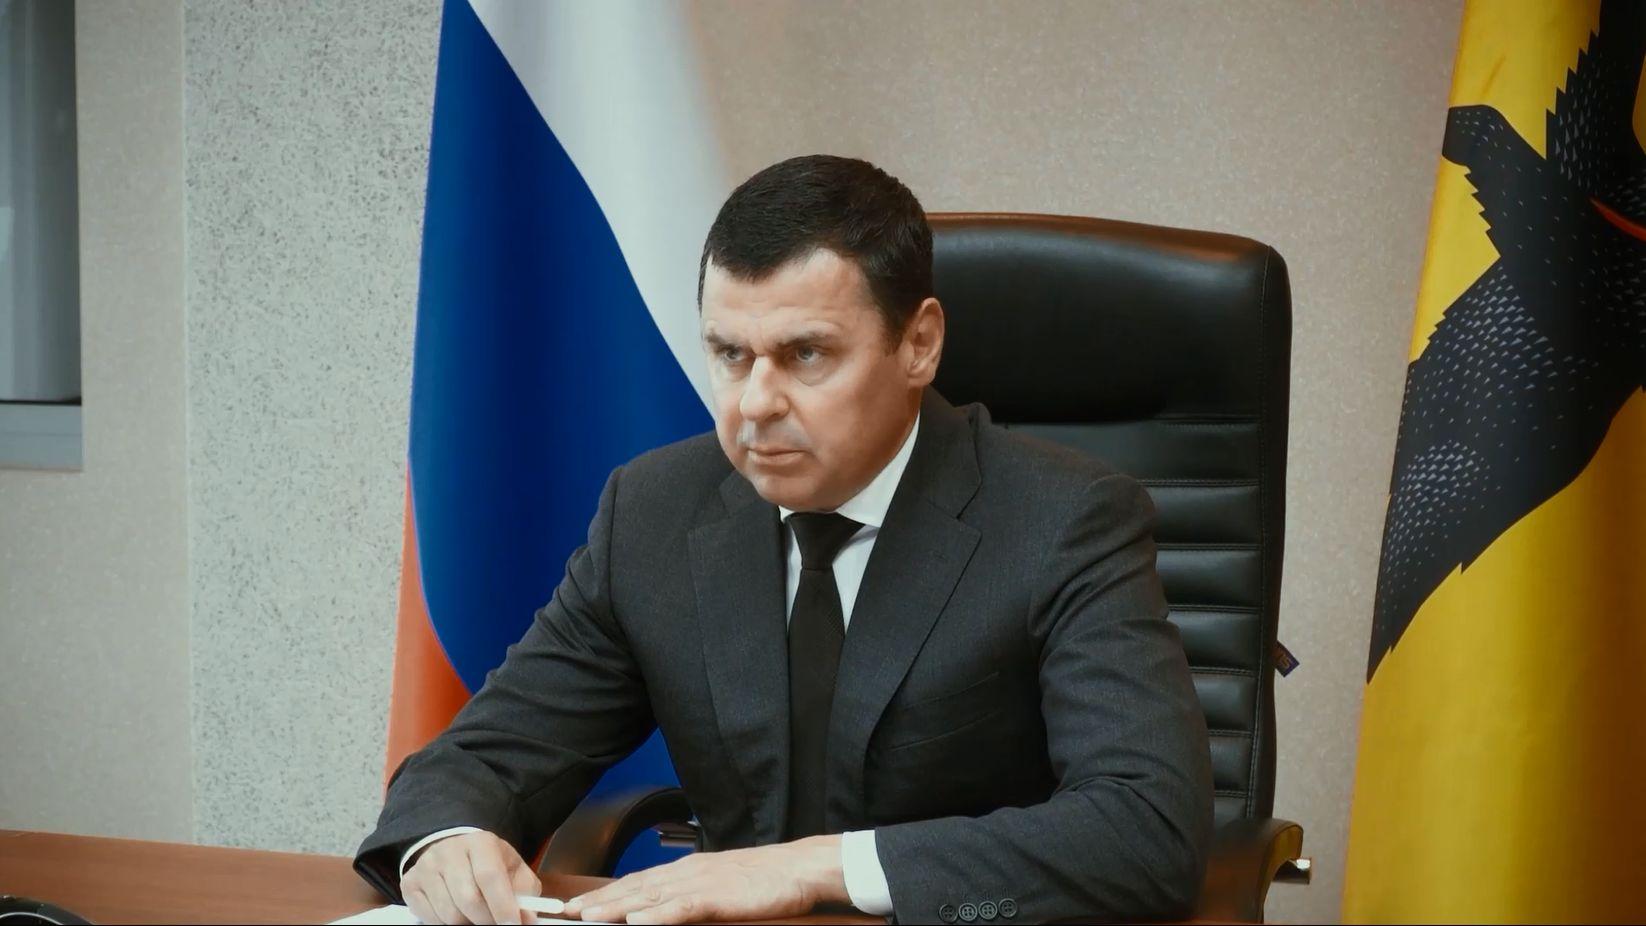 Главы районов и городов Ярославской области должны лично курировать реализацию губернаторского проекта «Решаем вместе!»